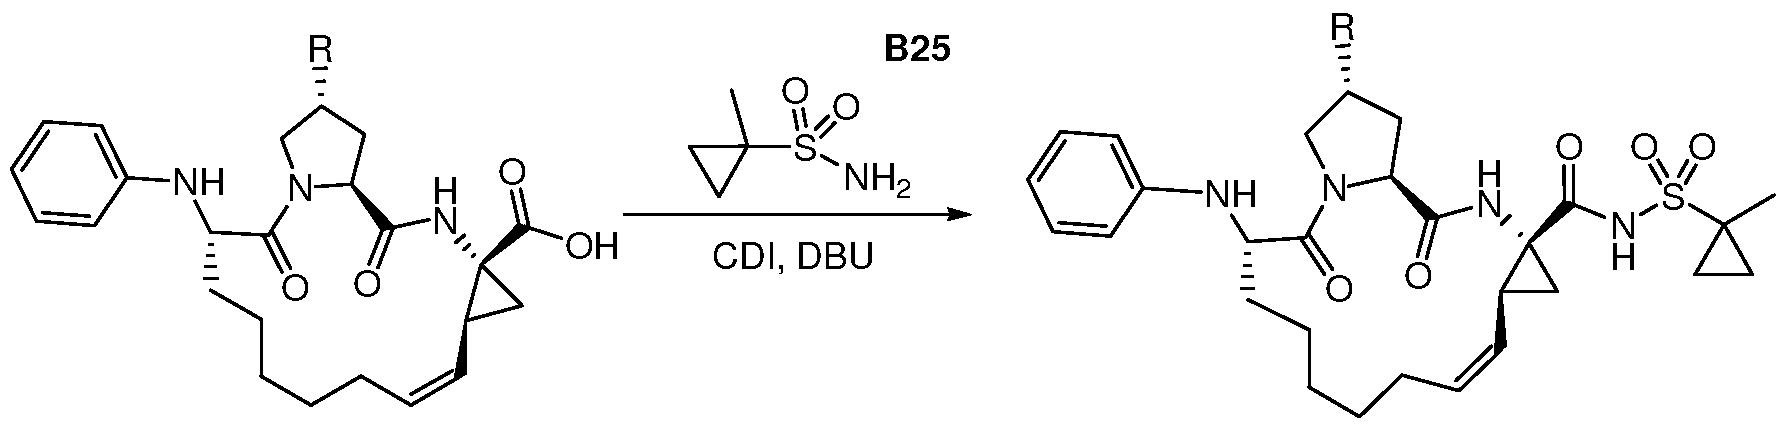 Figure imgf000352_0001